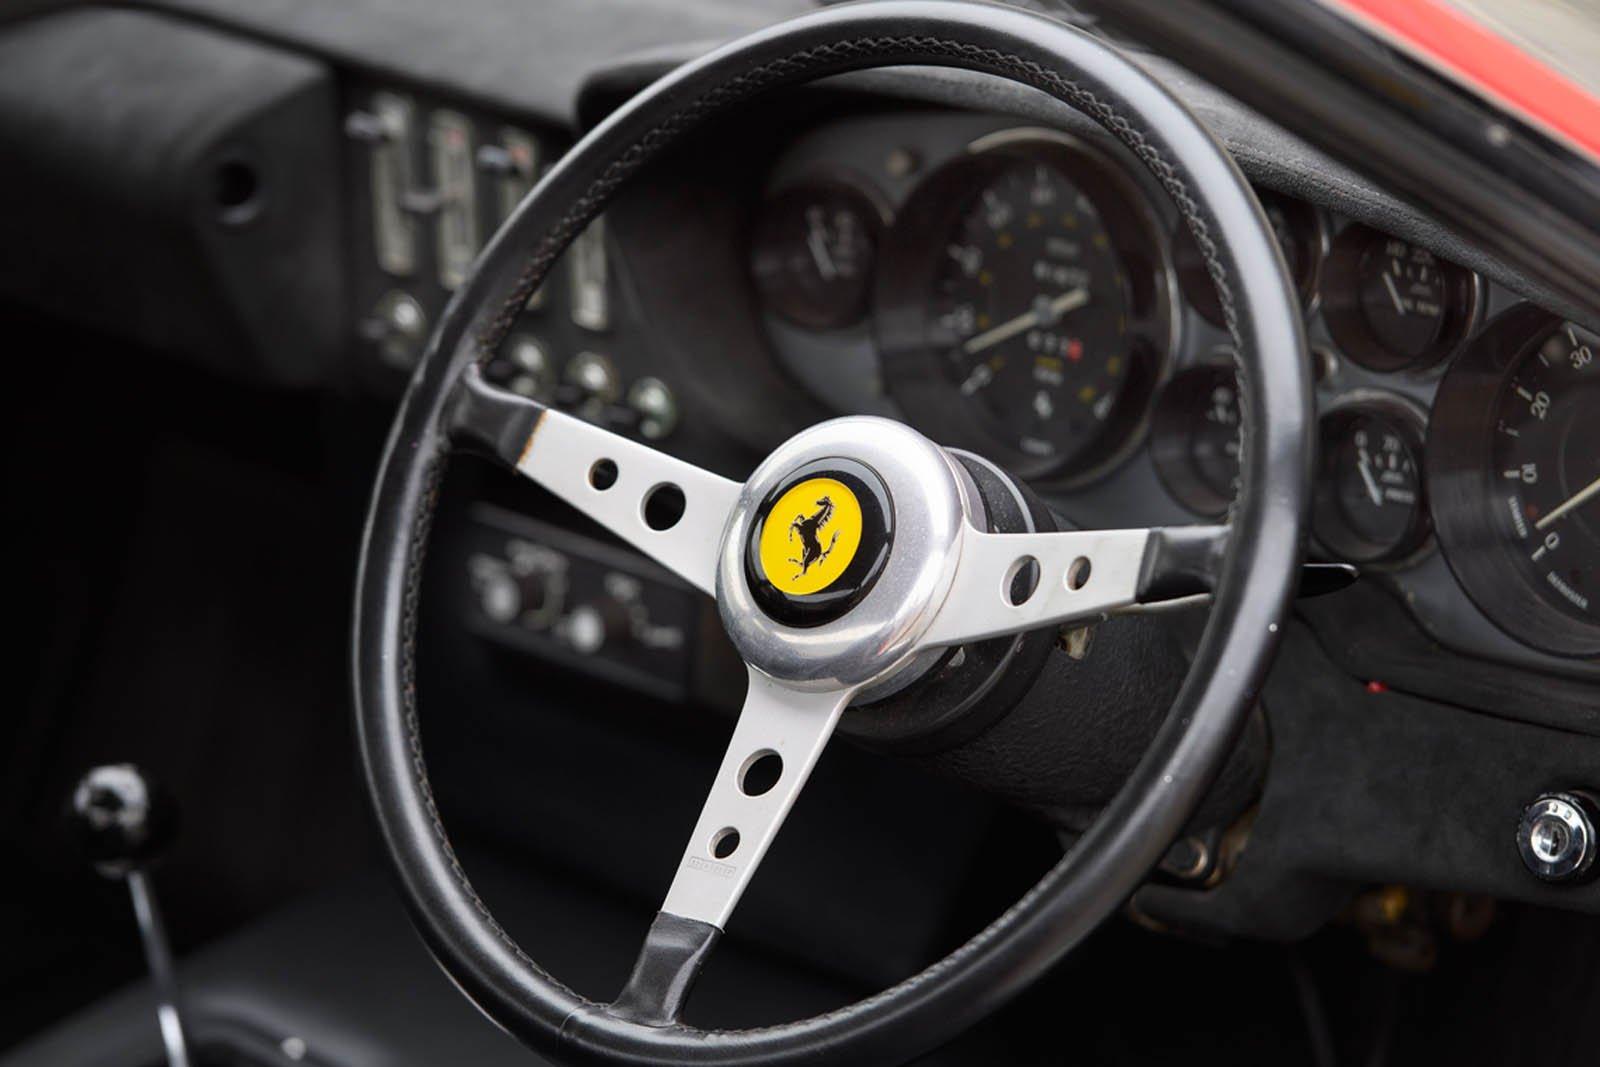 Ferrari-365-GTB4-Daytona-ex-Elton-John-13